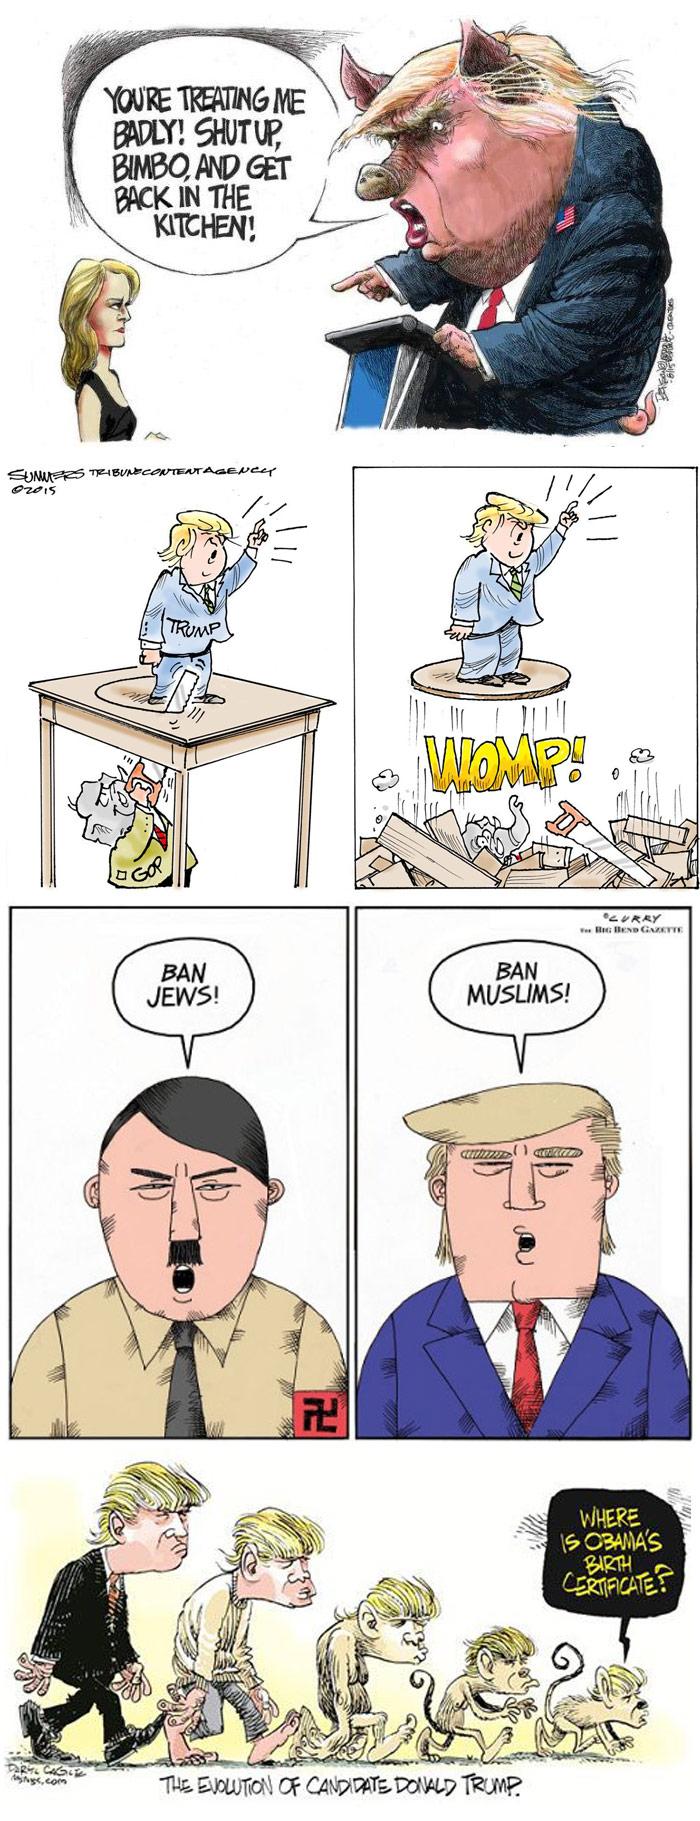 Caricaturistas contra Trump 700. Selección tomada de Internet